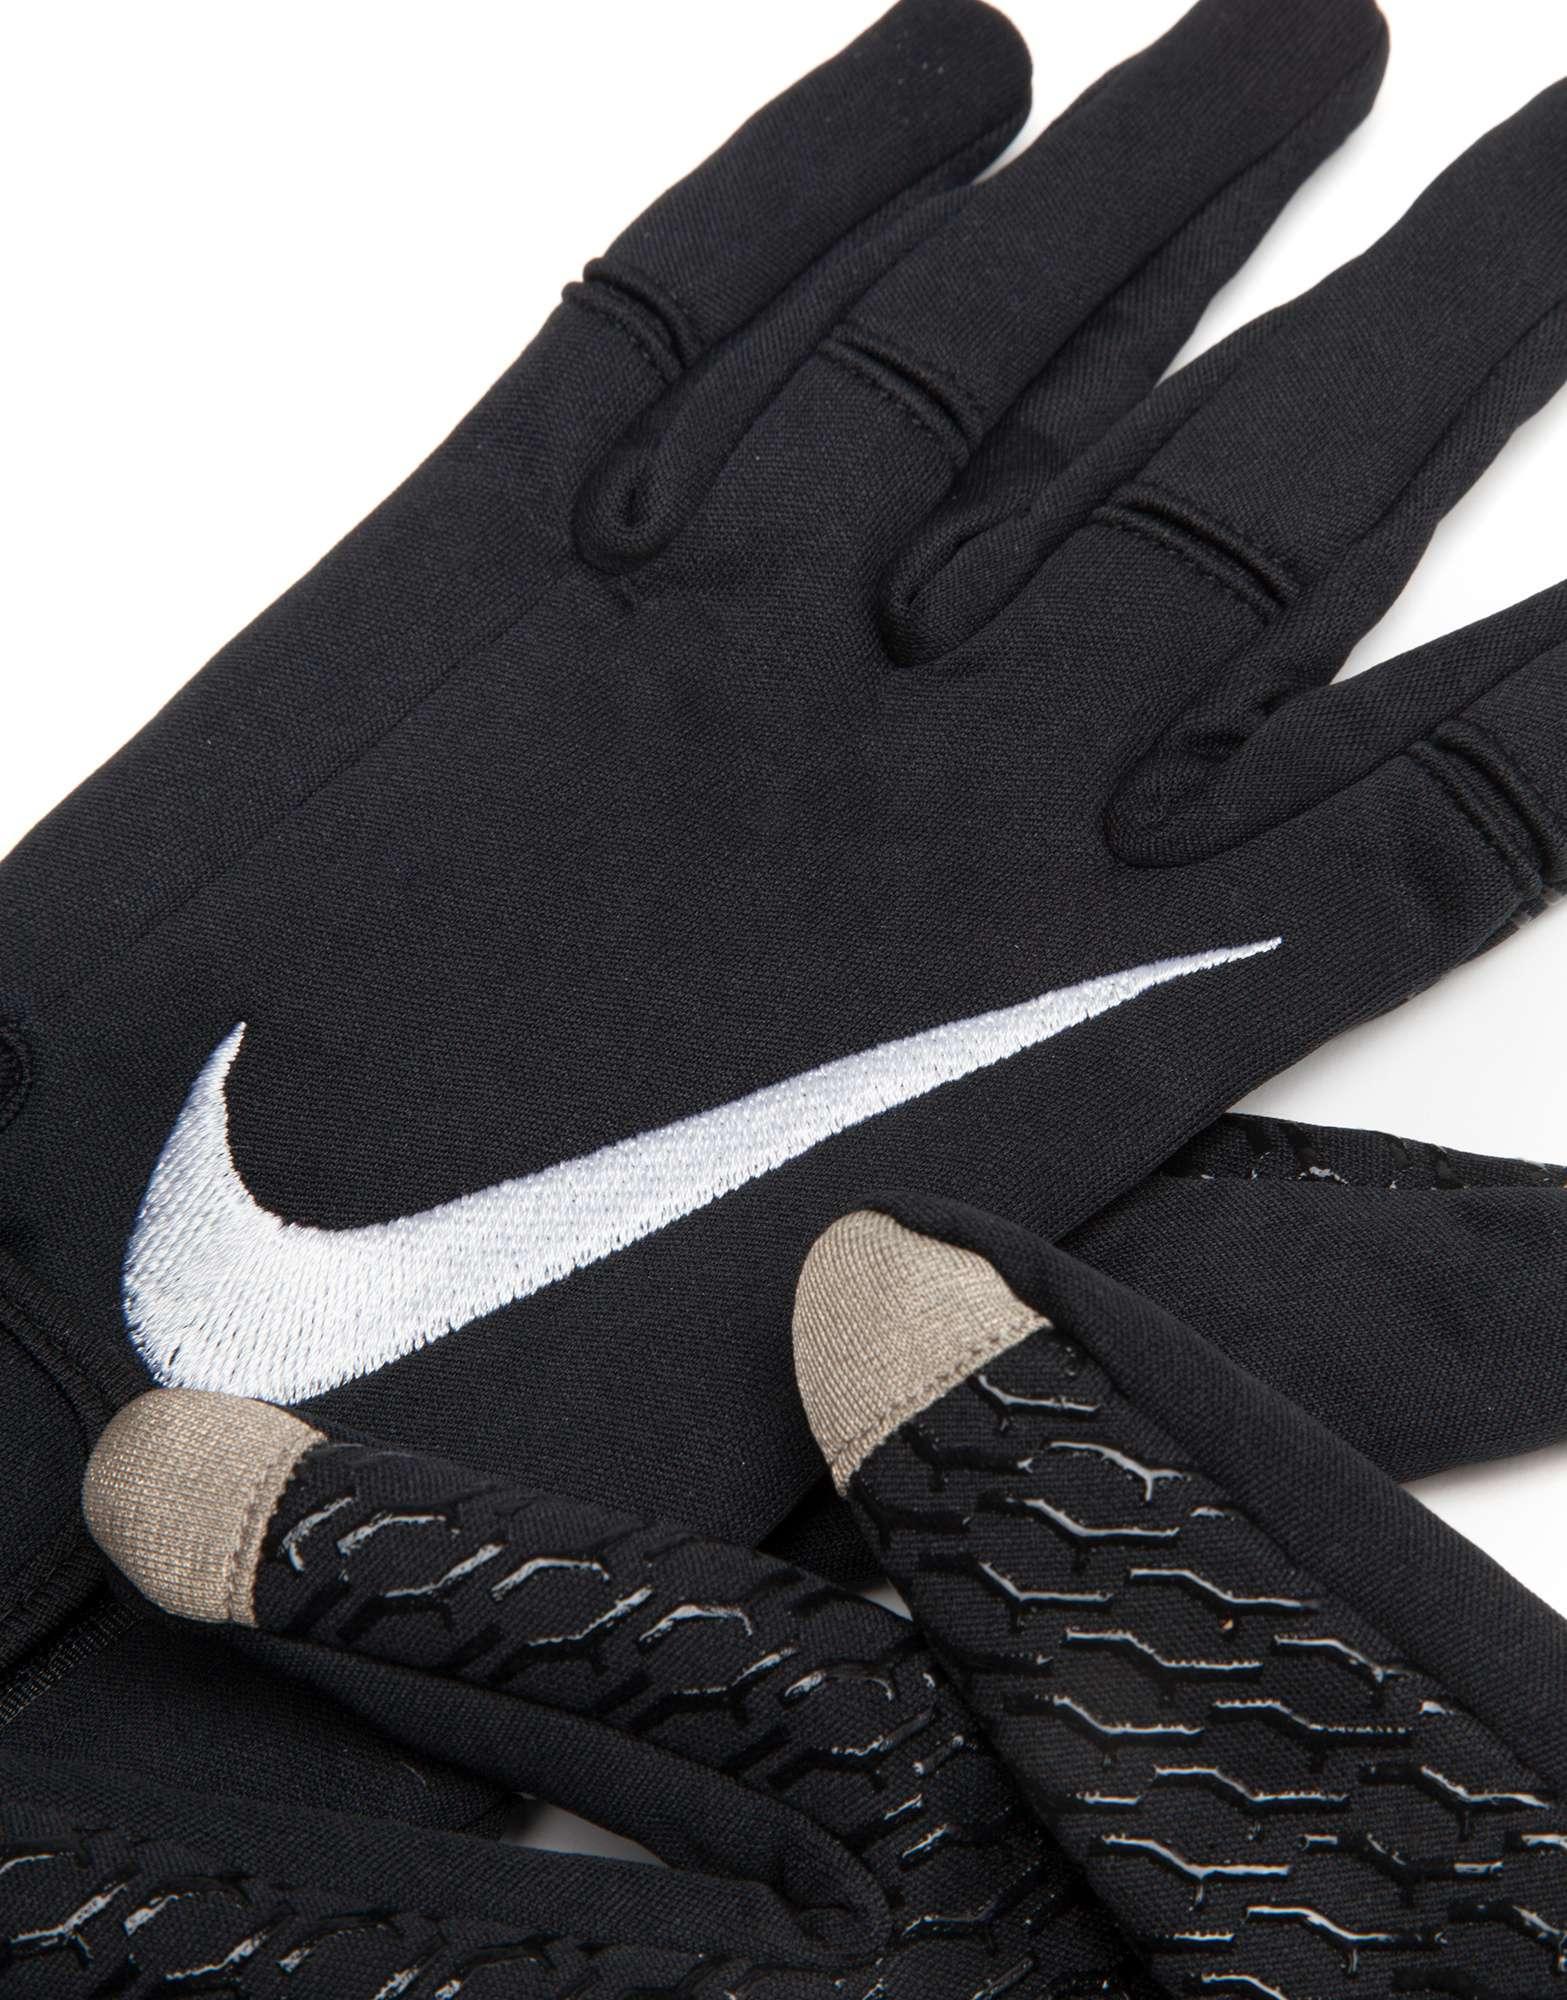 Nike Sphere Training Gloves